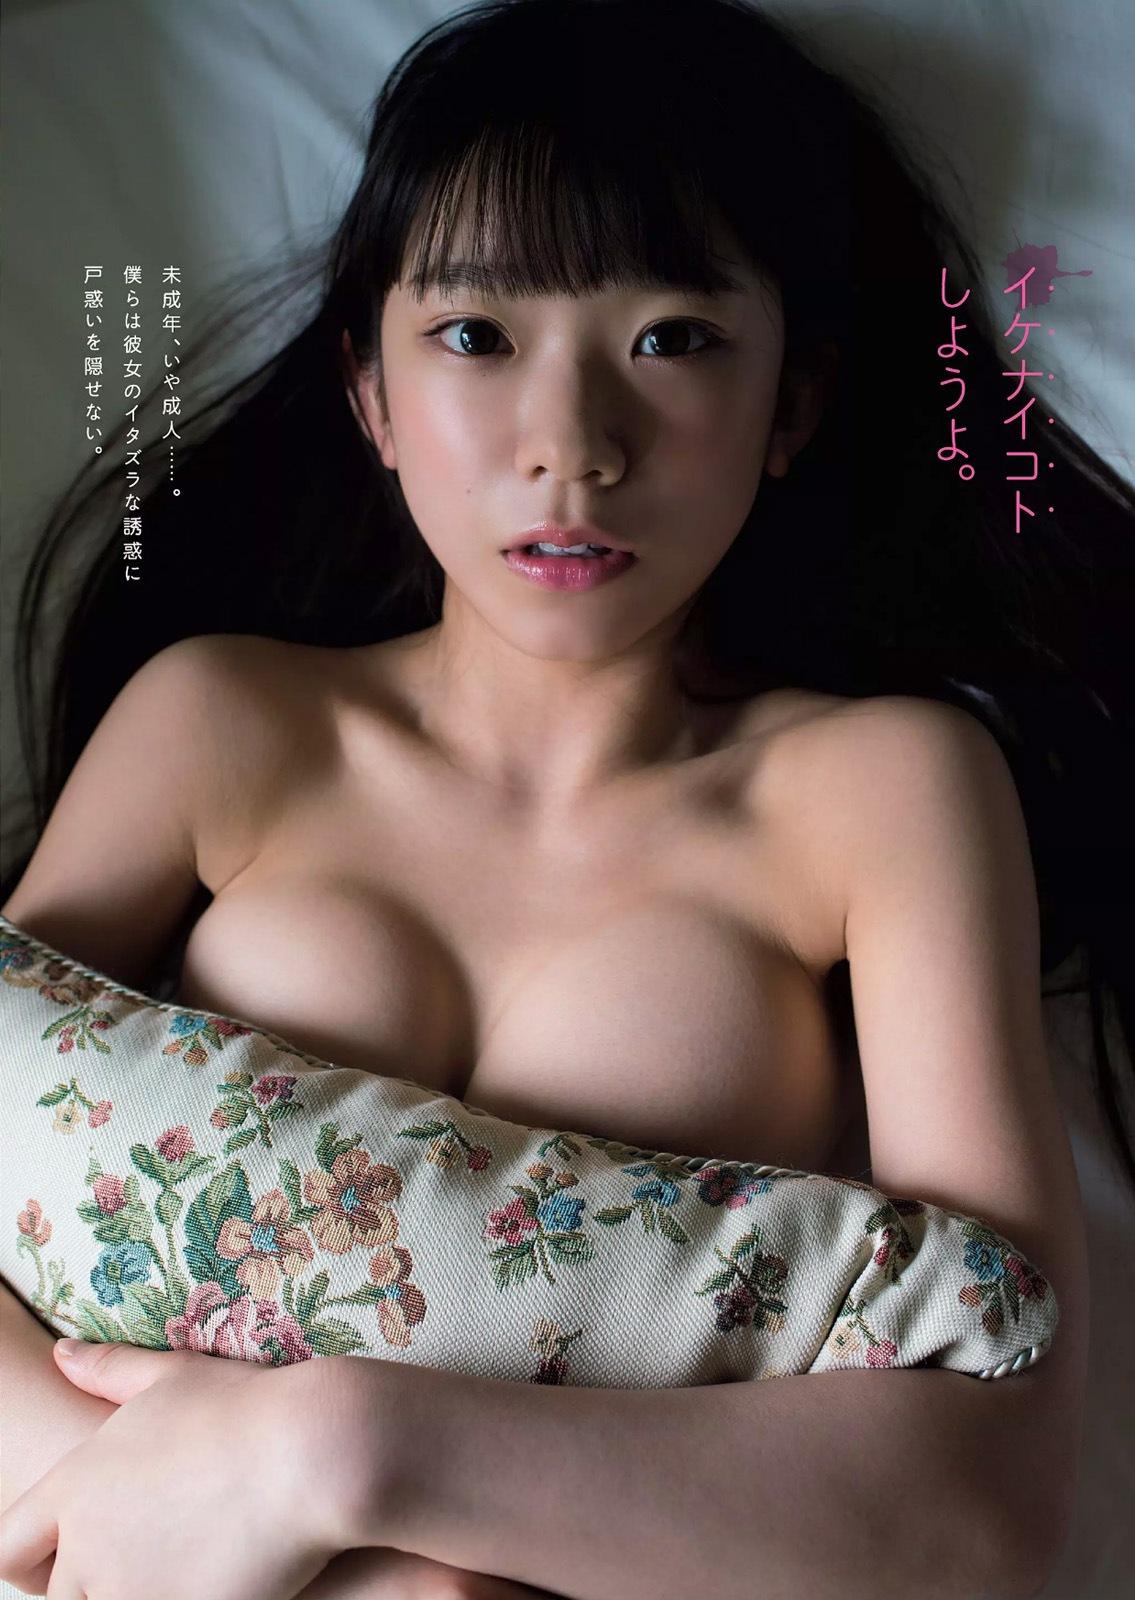 Nagasawa Marina 長澤茉里奈 Houkago Princess, Weekly Playboy 2017.07.17 No.29 (週刊プレイボーイ 2017年29号)